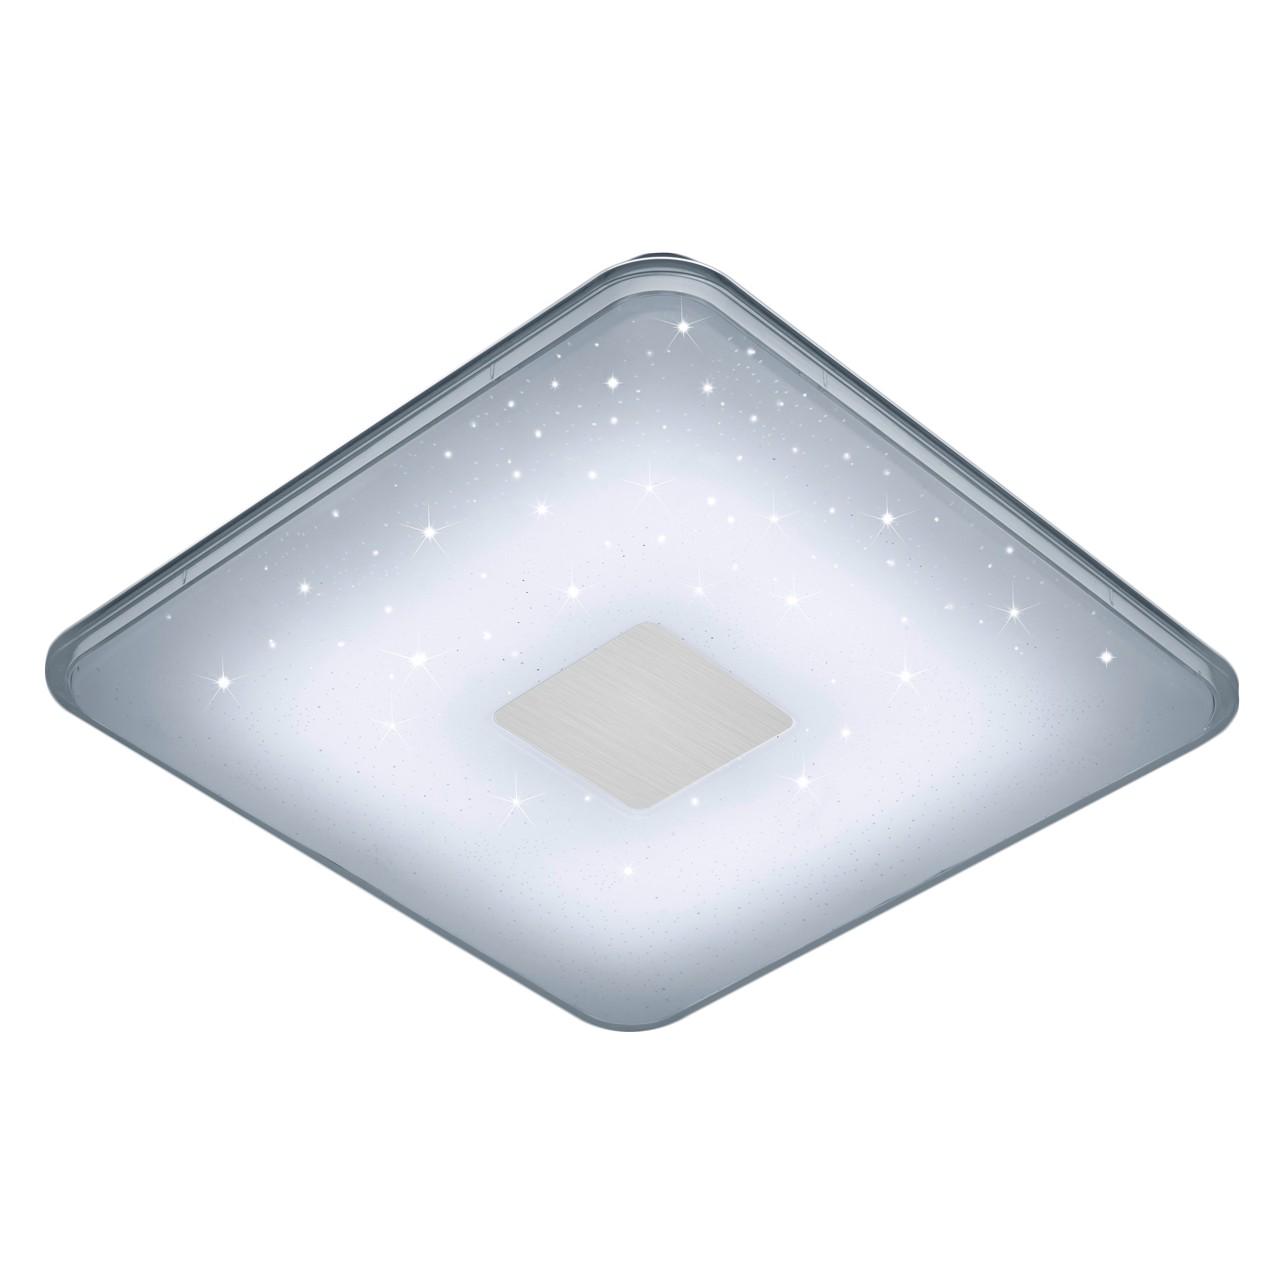 EEK A+, Plafonnier LED Samurai - Plexiglas / Métal - 1 ampoule, Trio